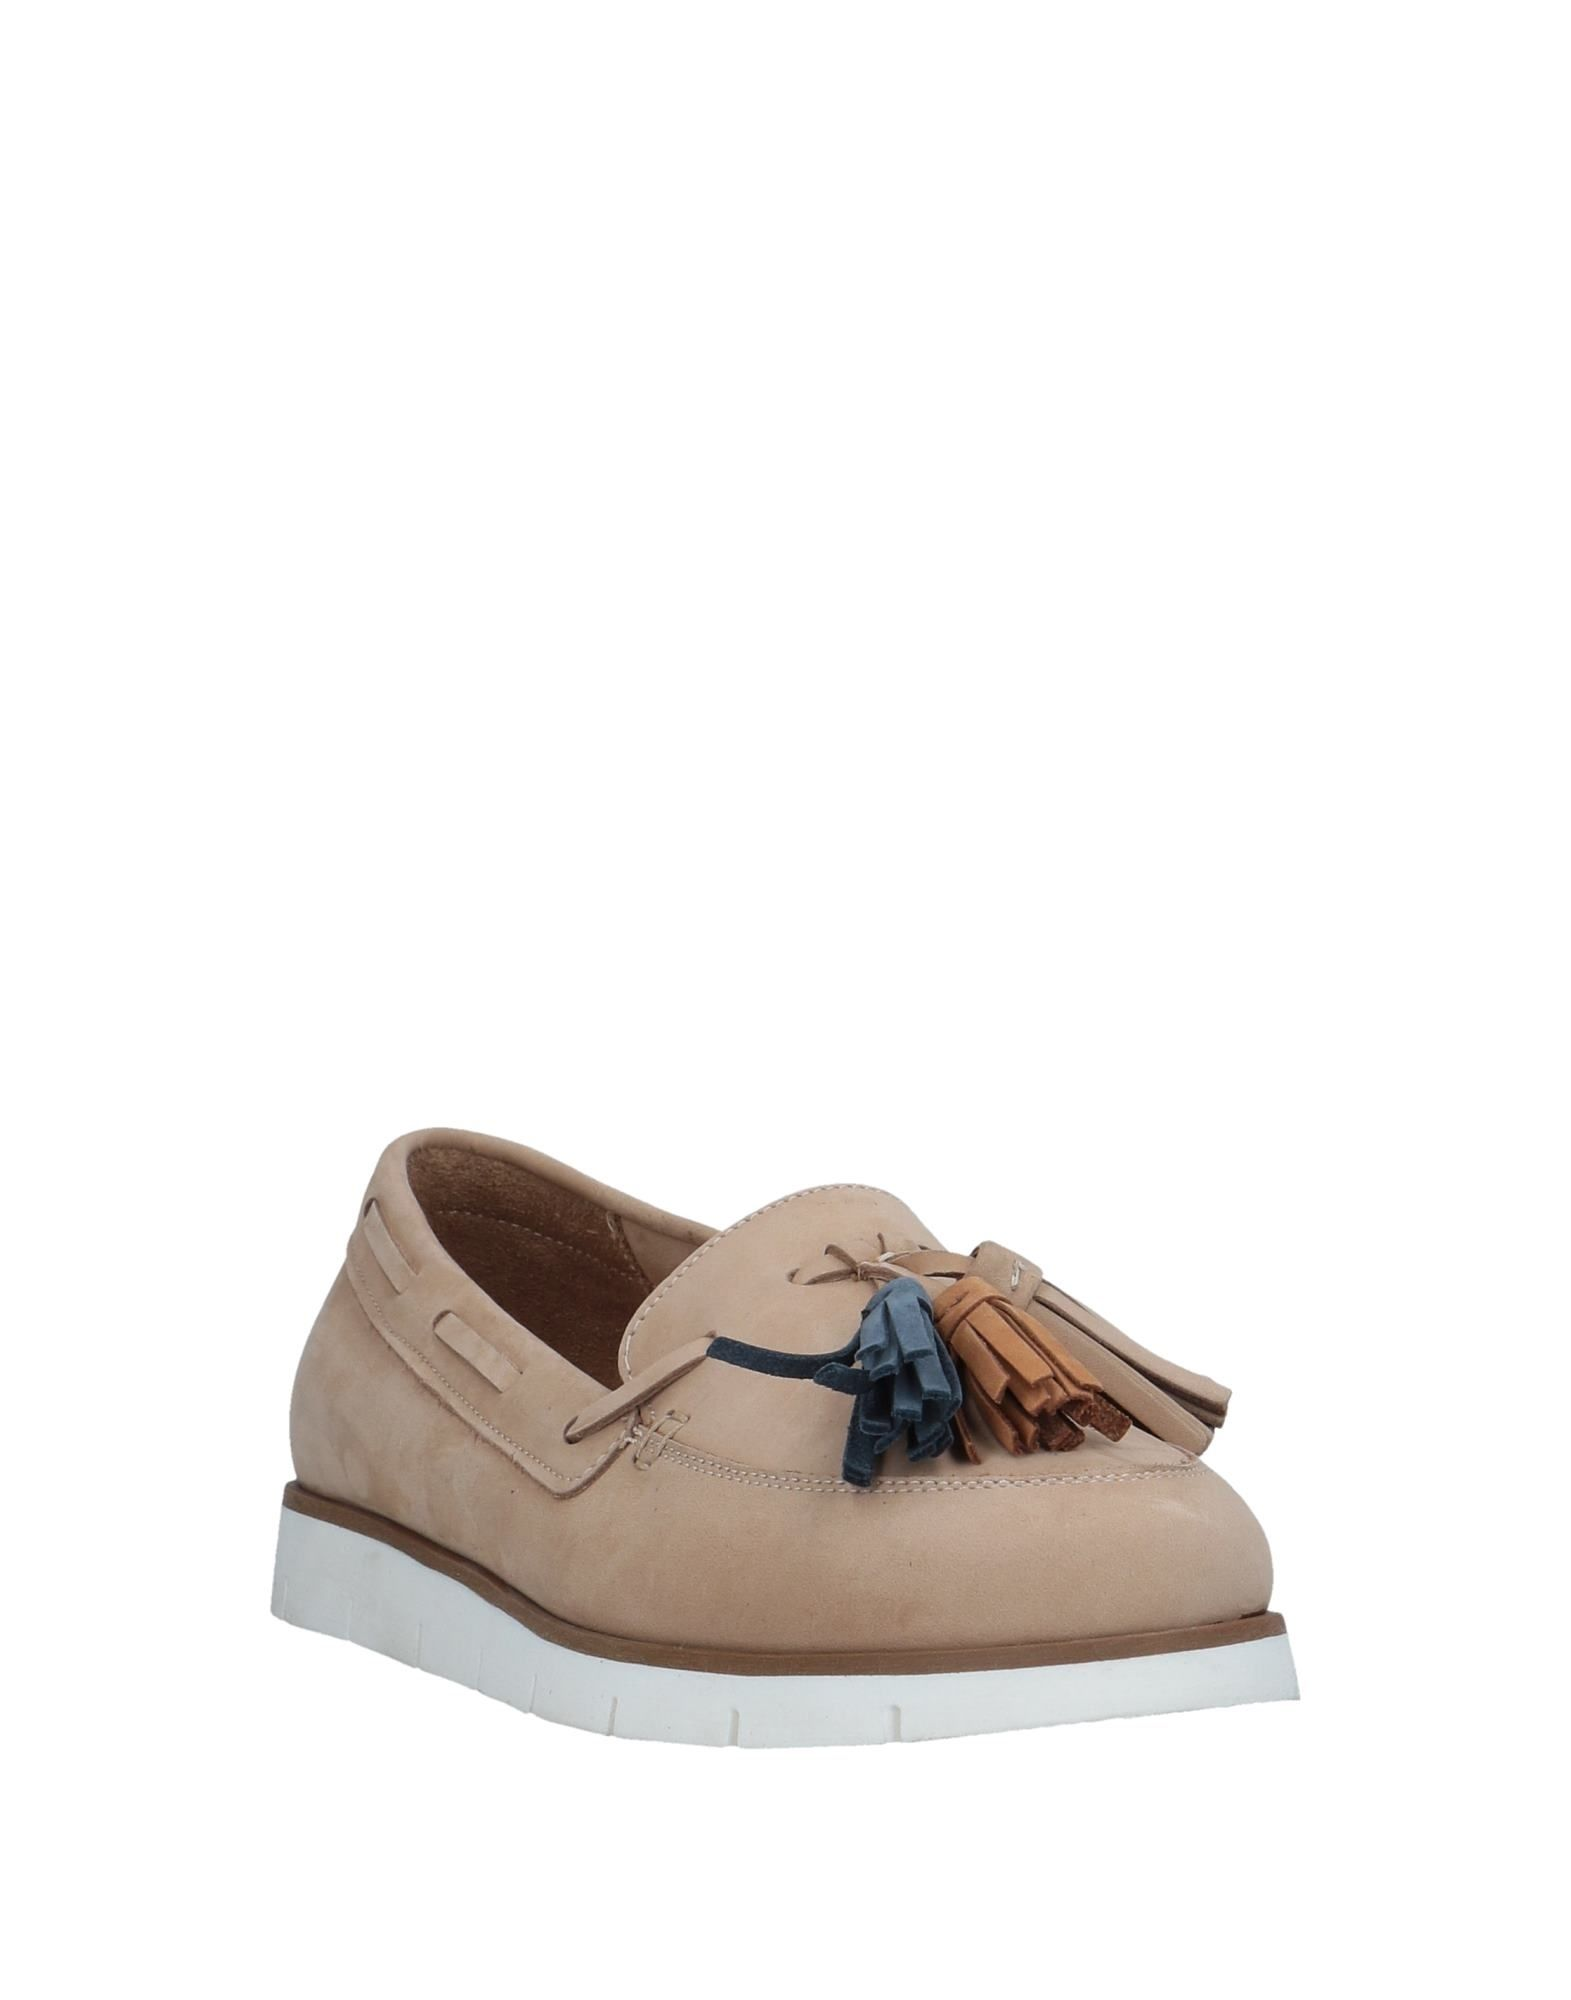 Antica Cuoieria Mokassins Damen  Schuhe 11527803LI Gute Qualität beliebte Schuhe  289b09